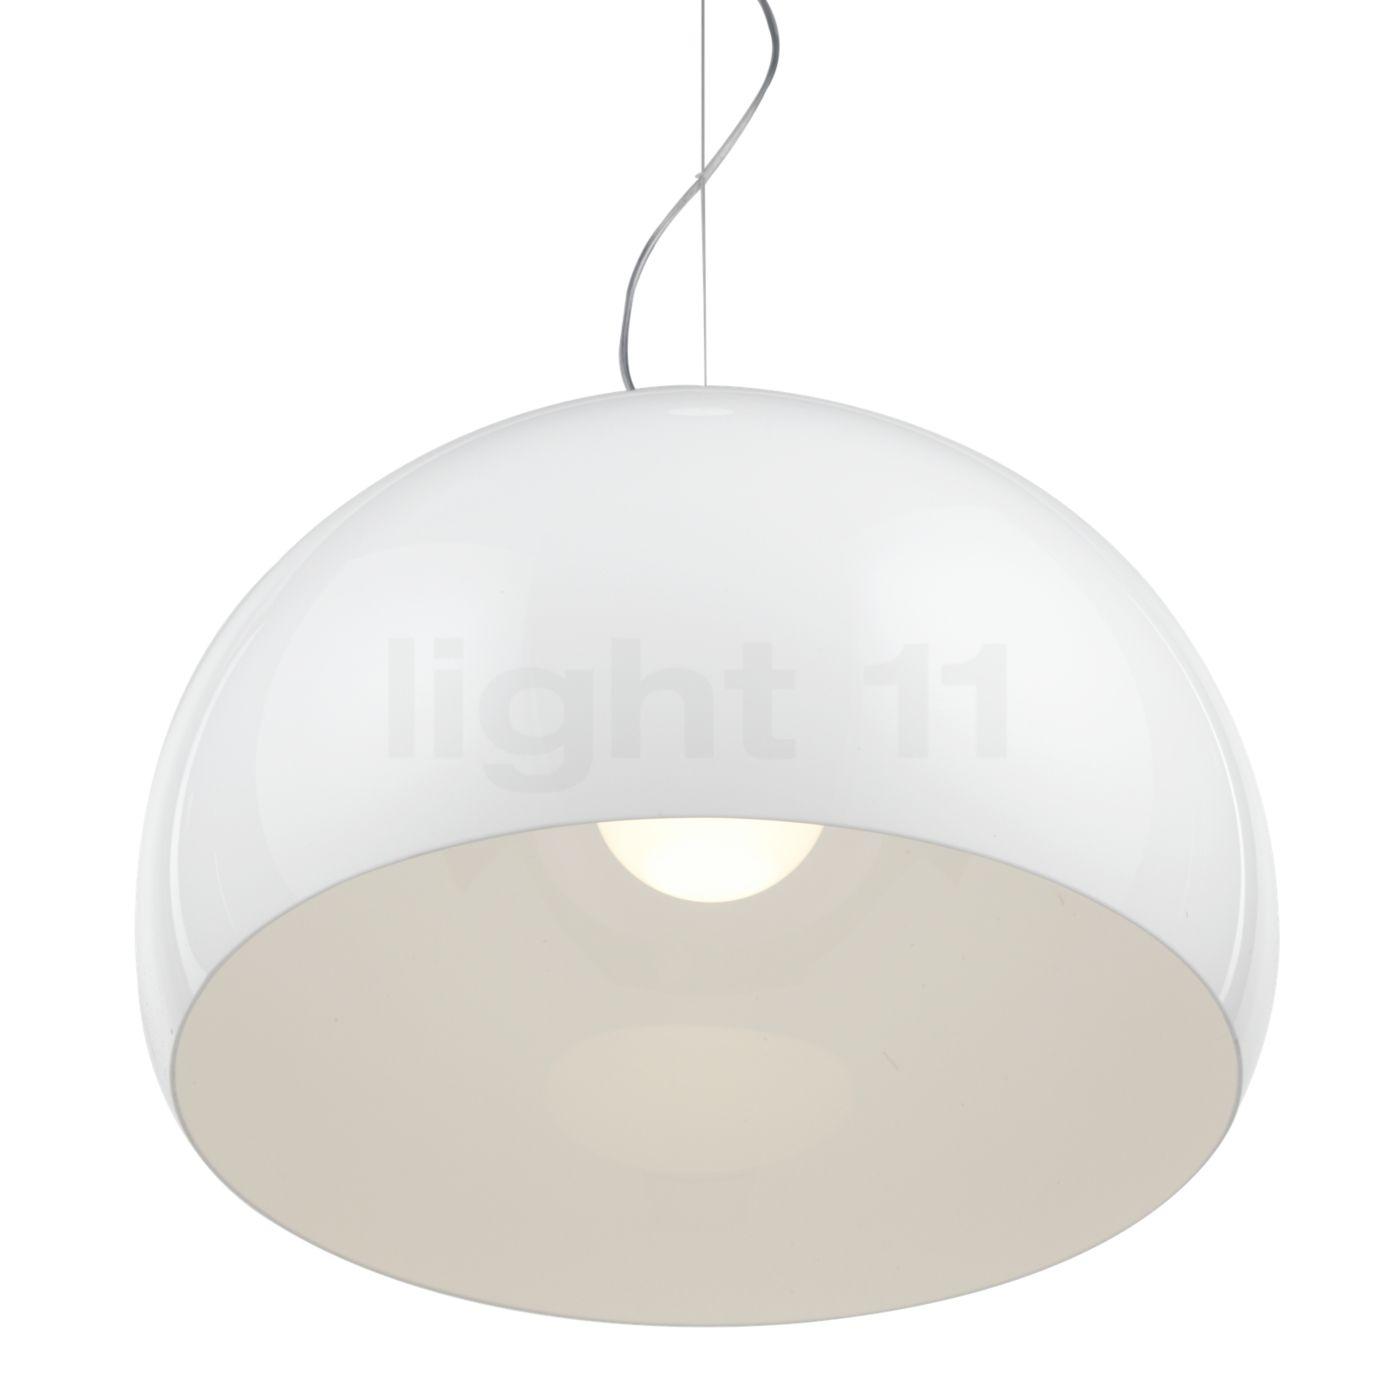 Kartell FL/Y kaufen bei light11.de